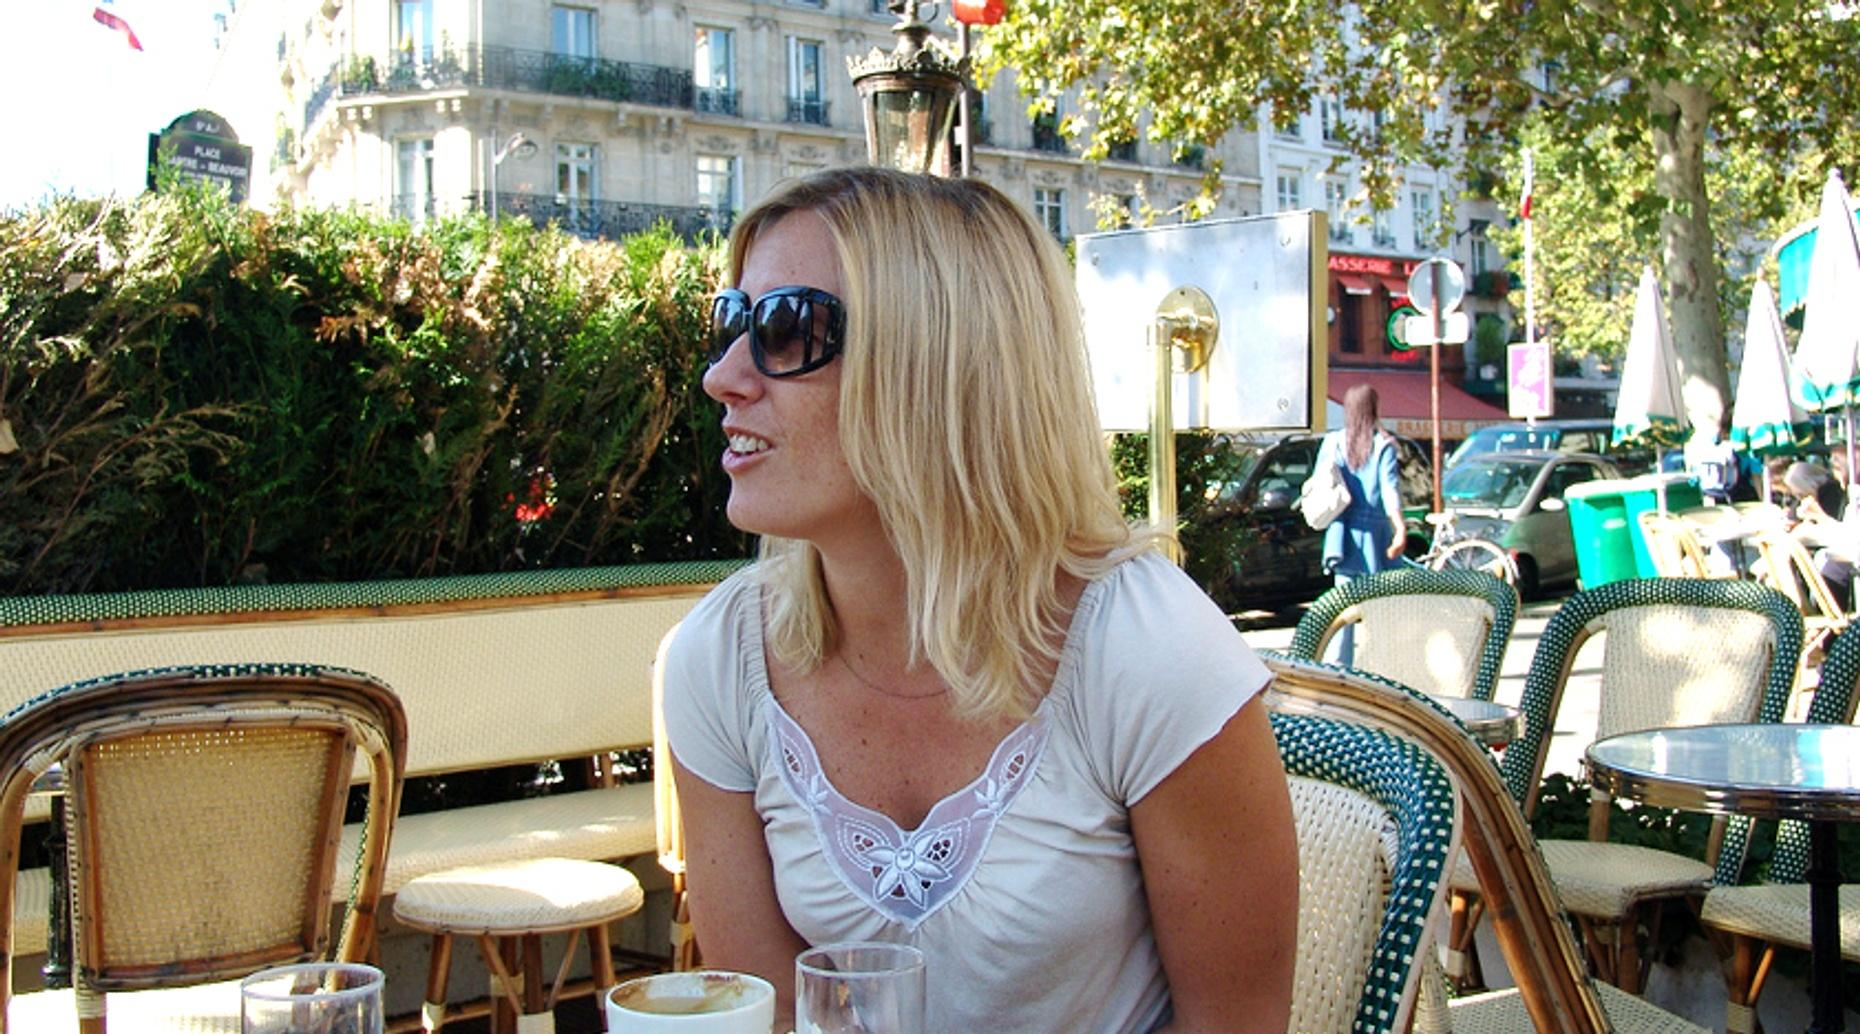 French Conversation at Café de Flore